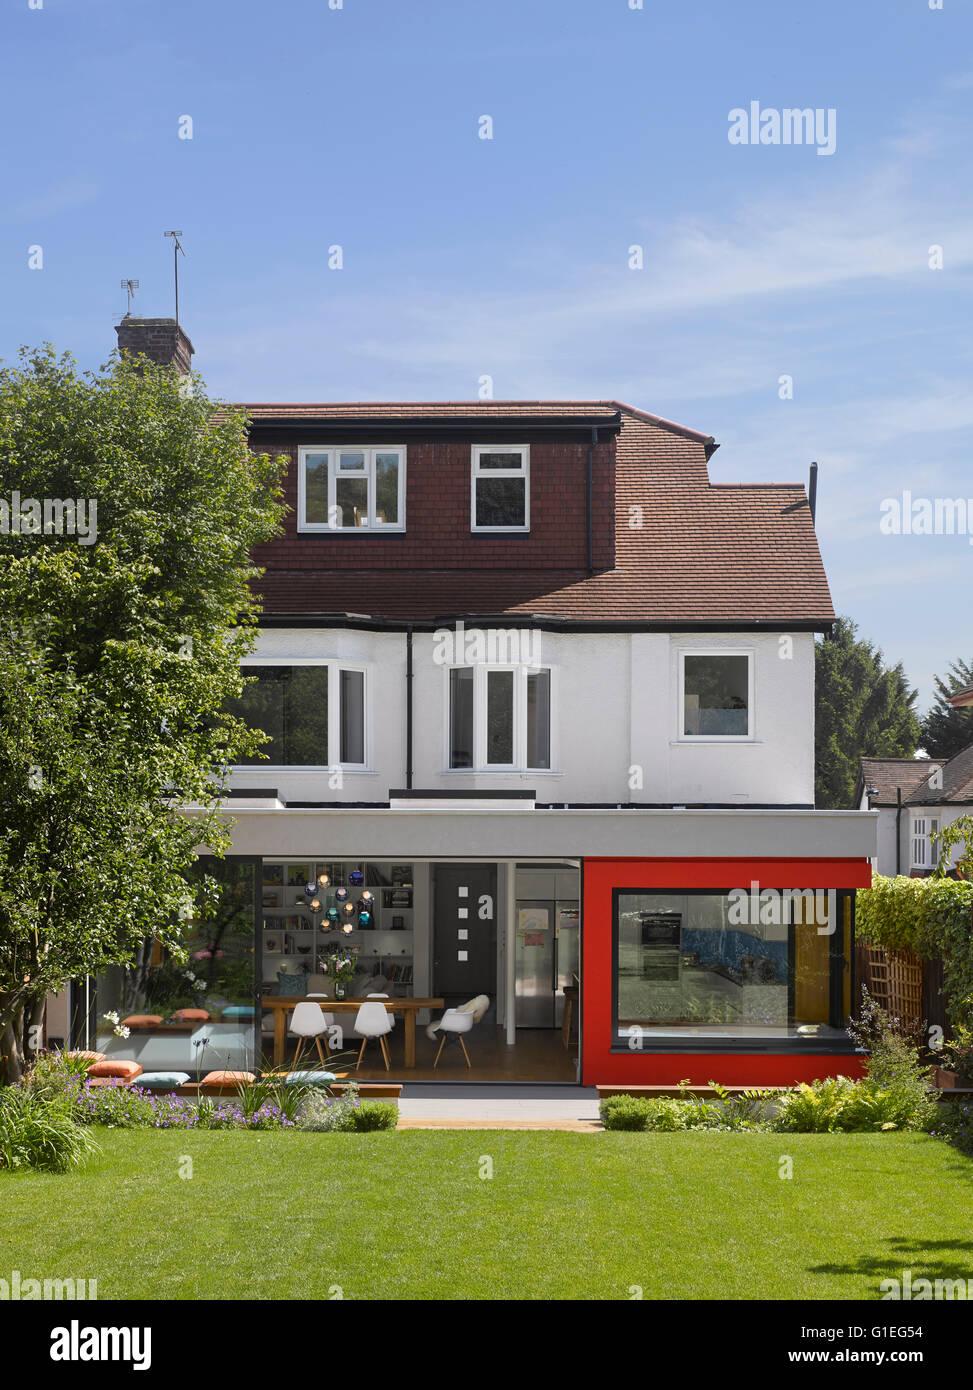 Eingeschossige Erweiterung, Mincheon Road, London. Blick Auf Offenen  Wohnraum Und Küche Durch Glasschiebetüren An Der Außenwand Des Hauses.